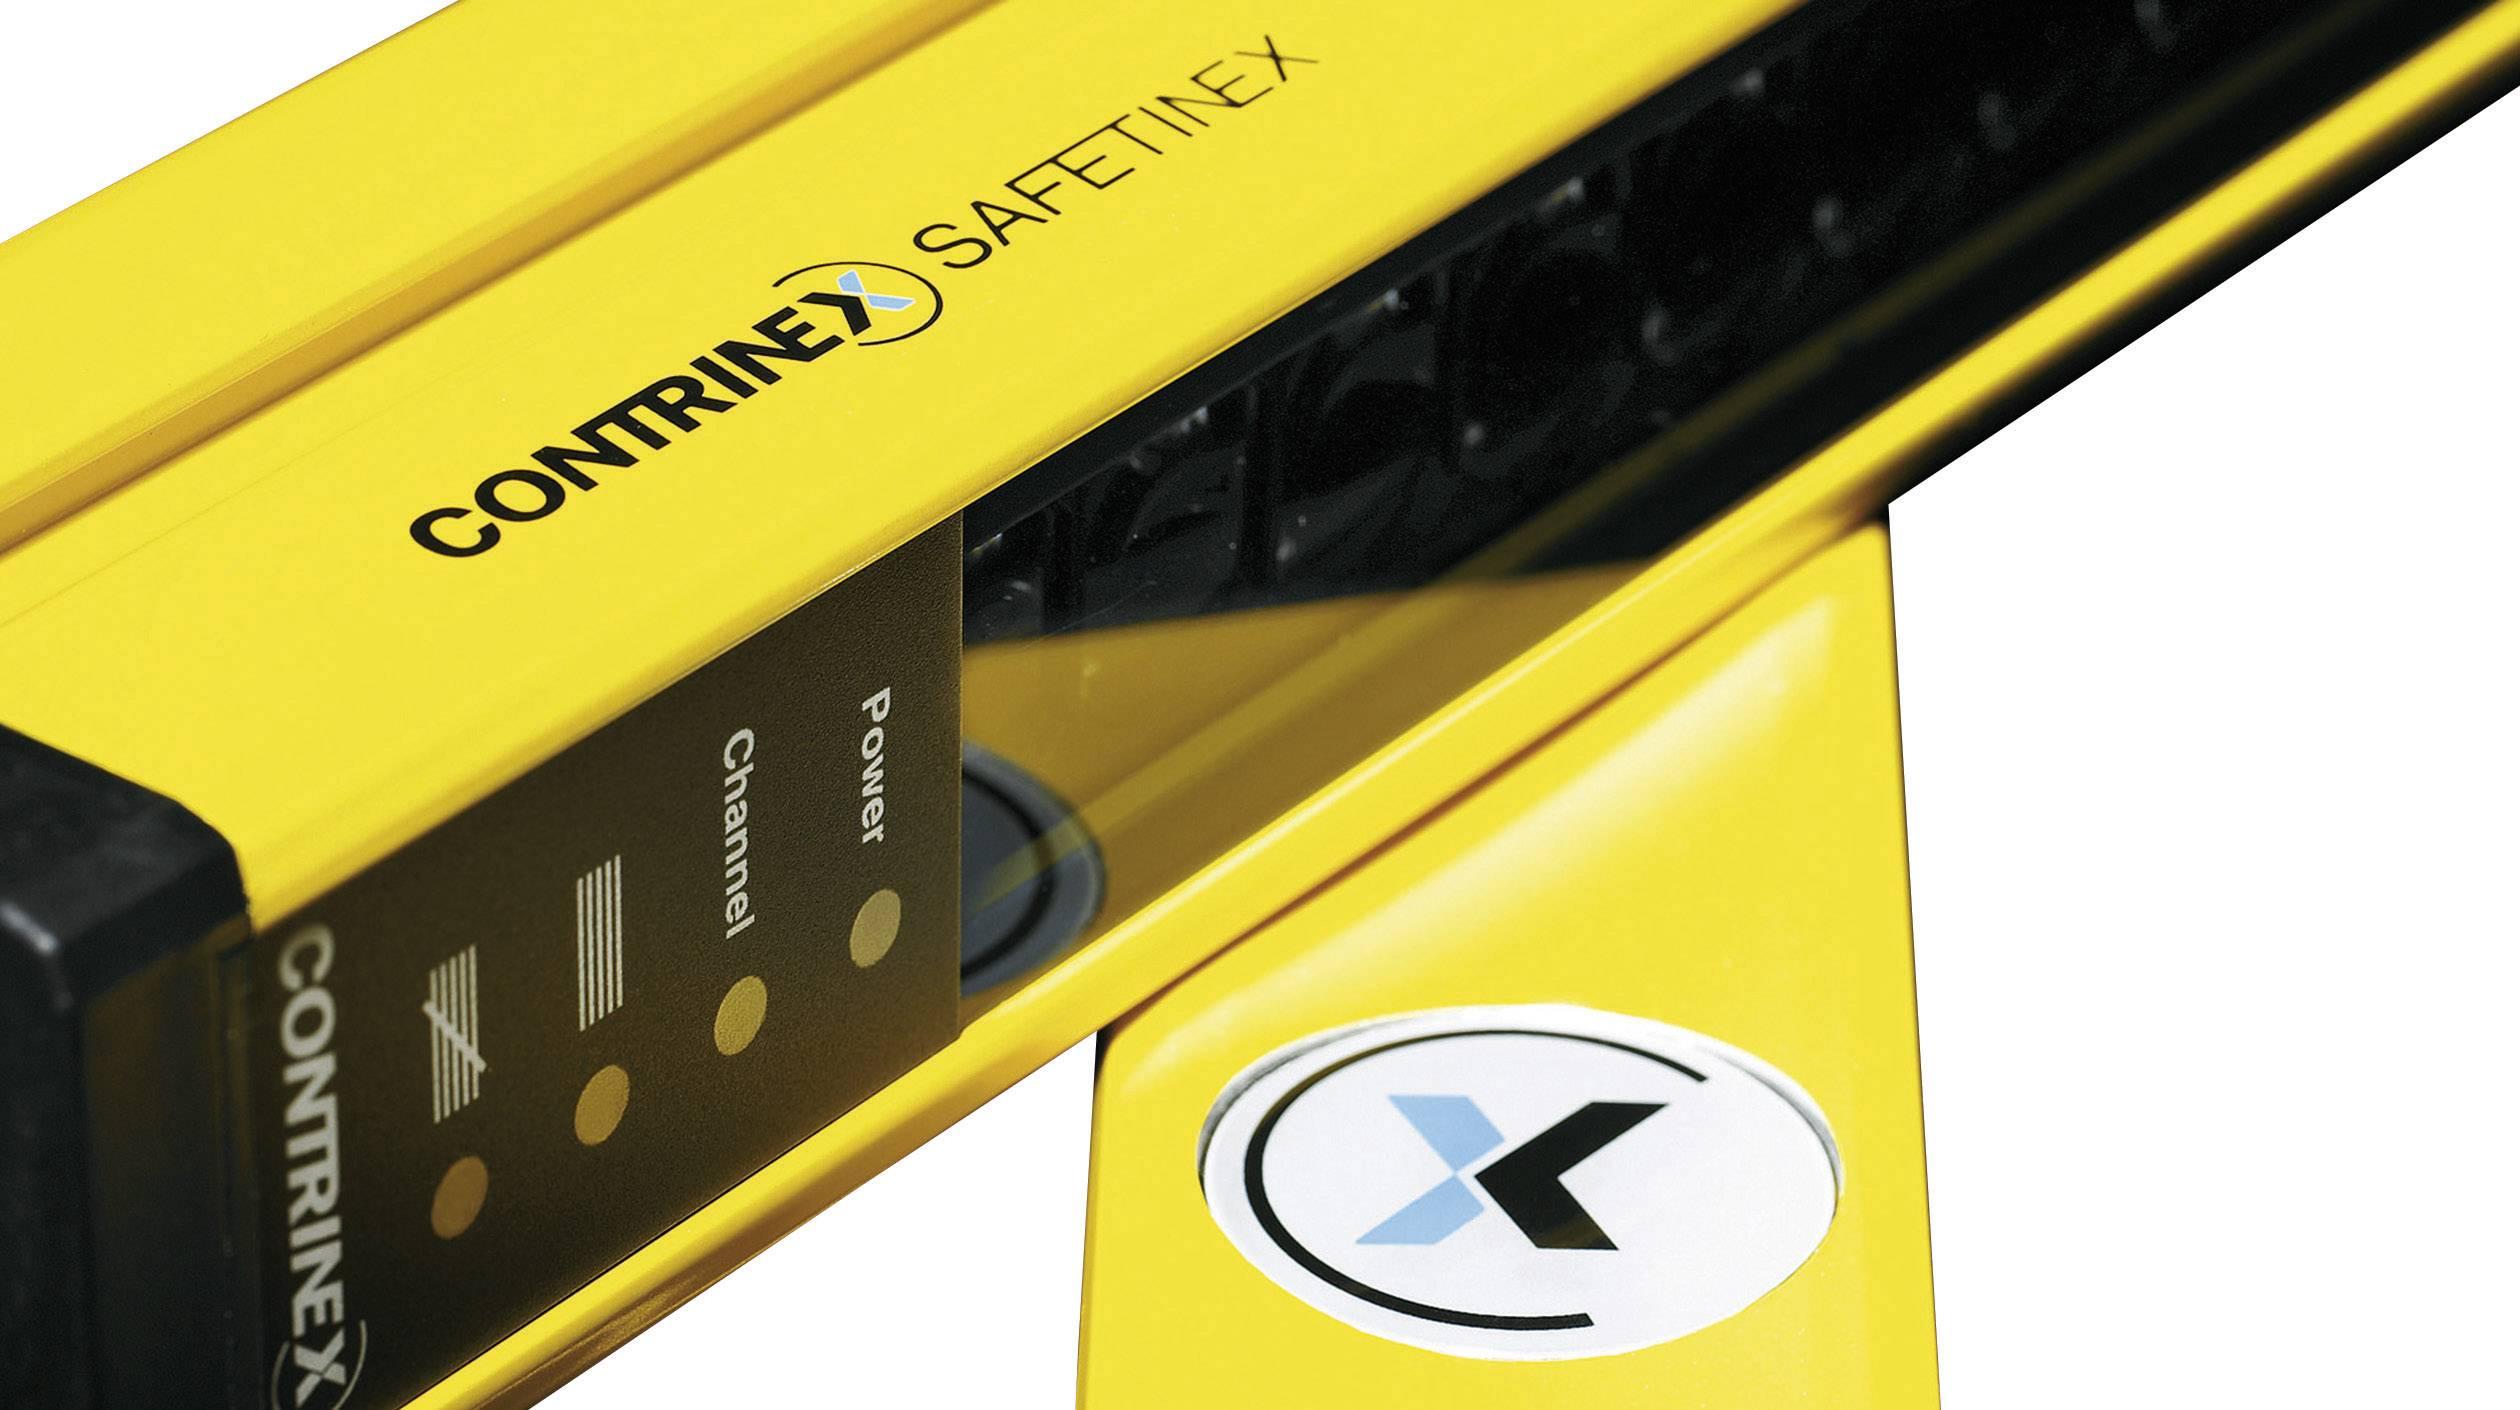 Bezpečnostní světelná závora pro ochranu rukou Contrinex YBB-30R4-1600-G012 630 000 692